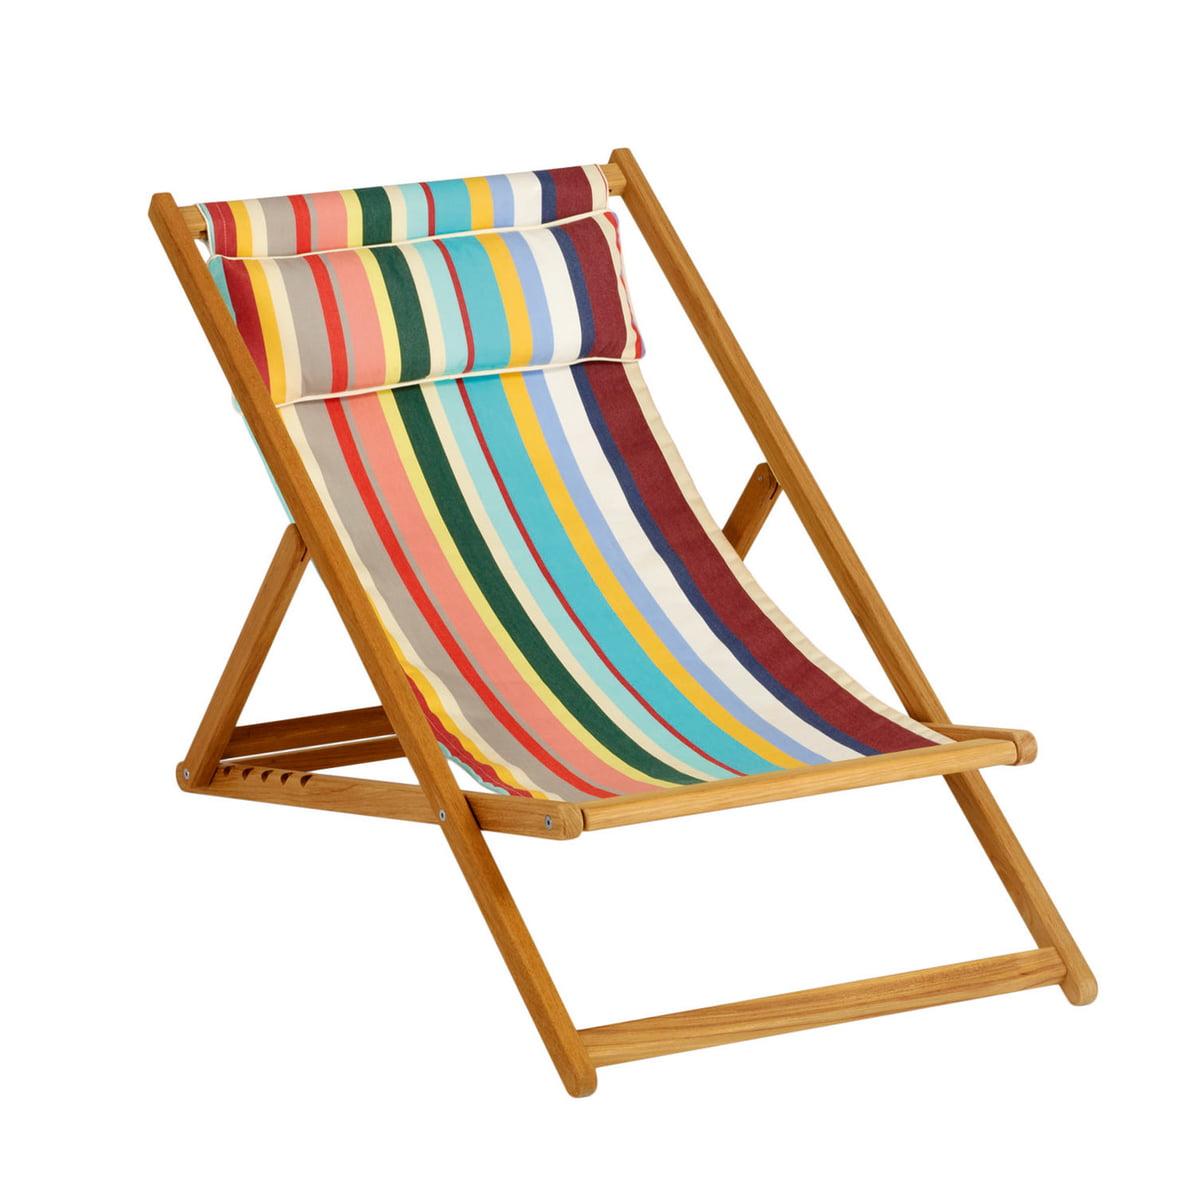 Liegestuhl design  Cabin Deck Chair by Weishäupl in the shop